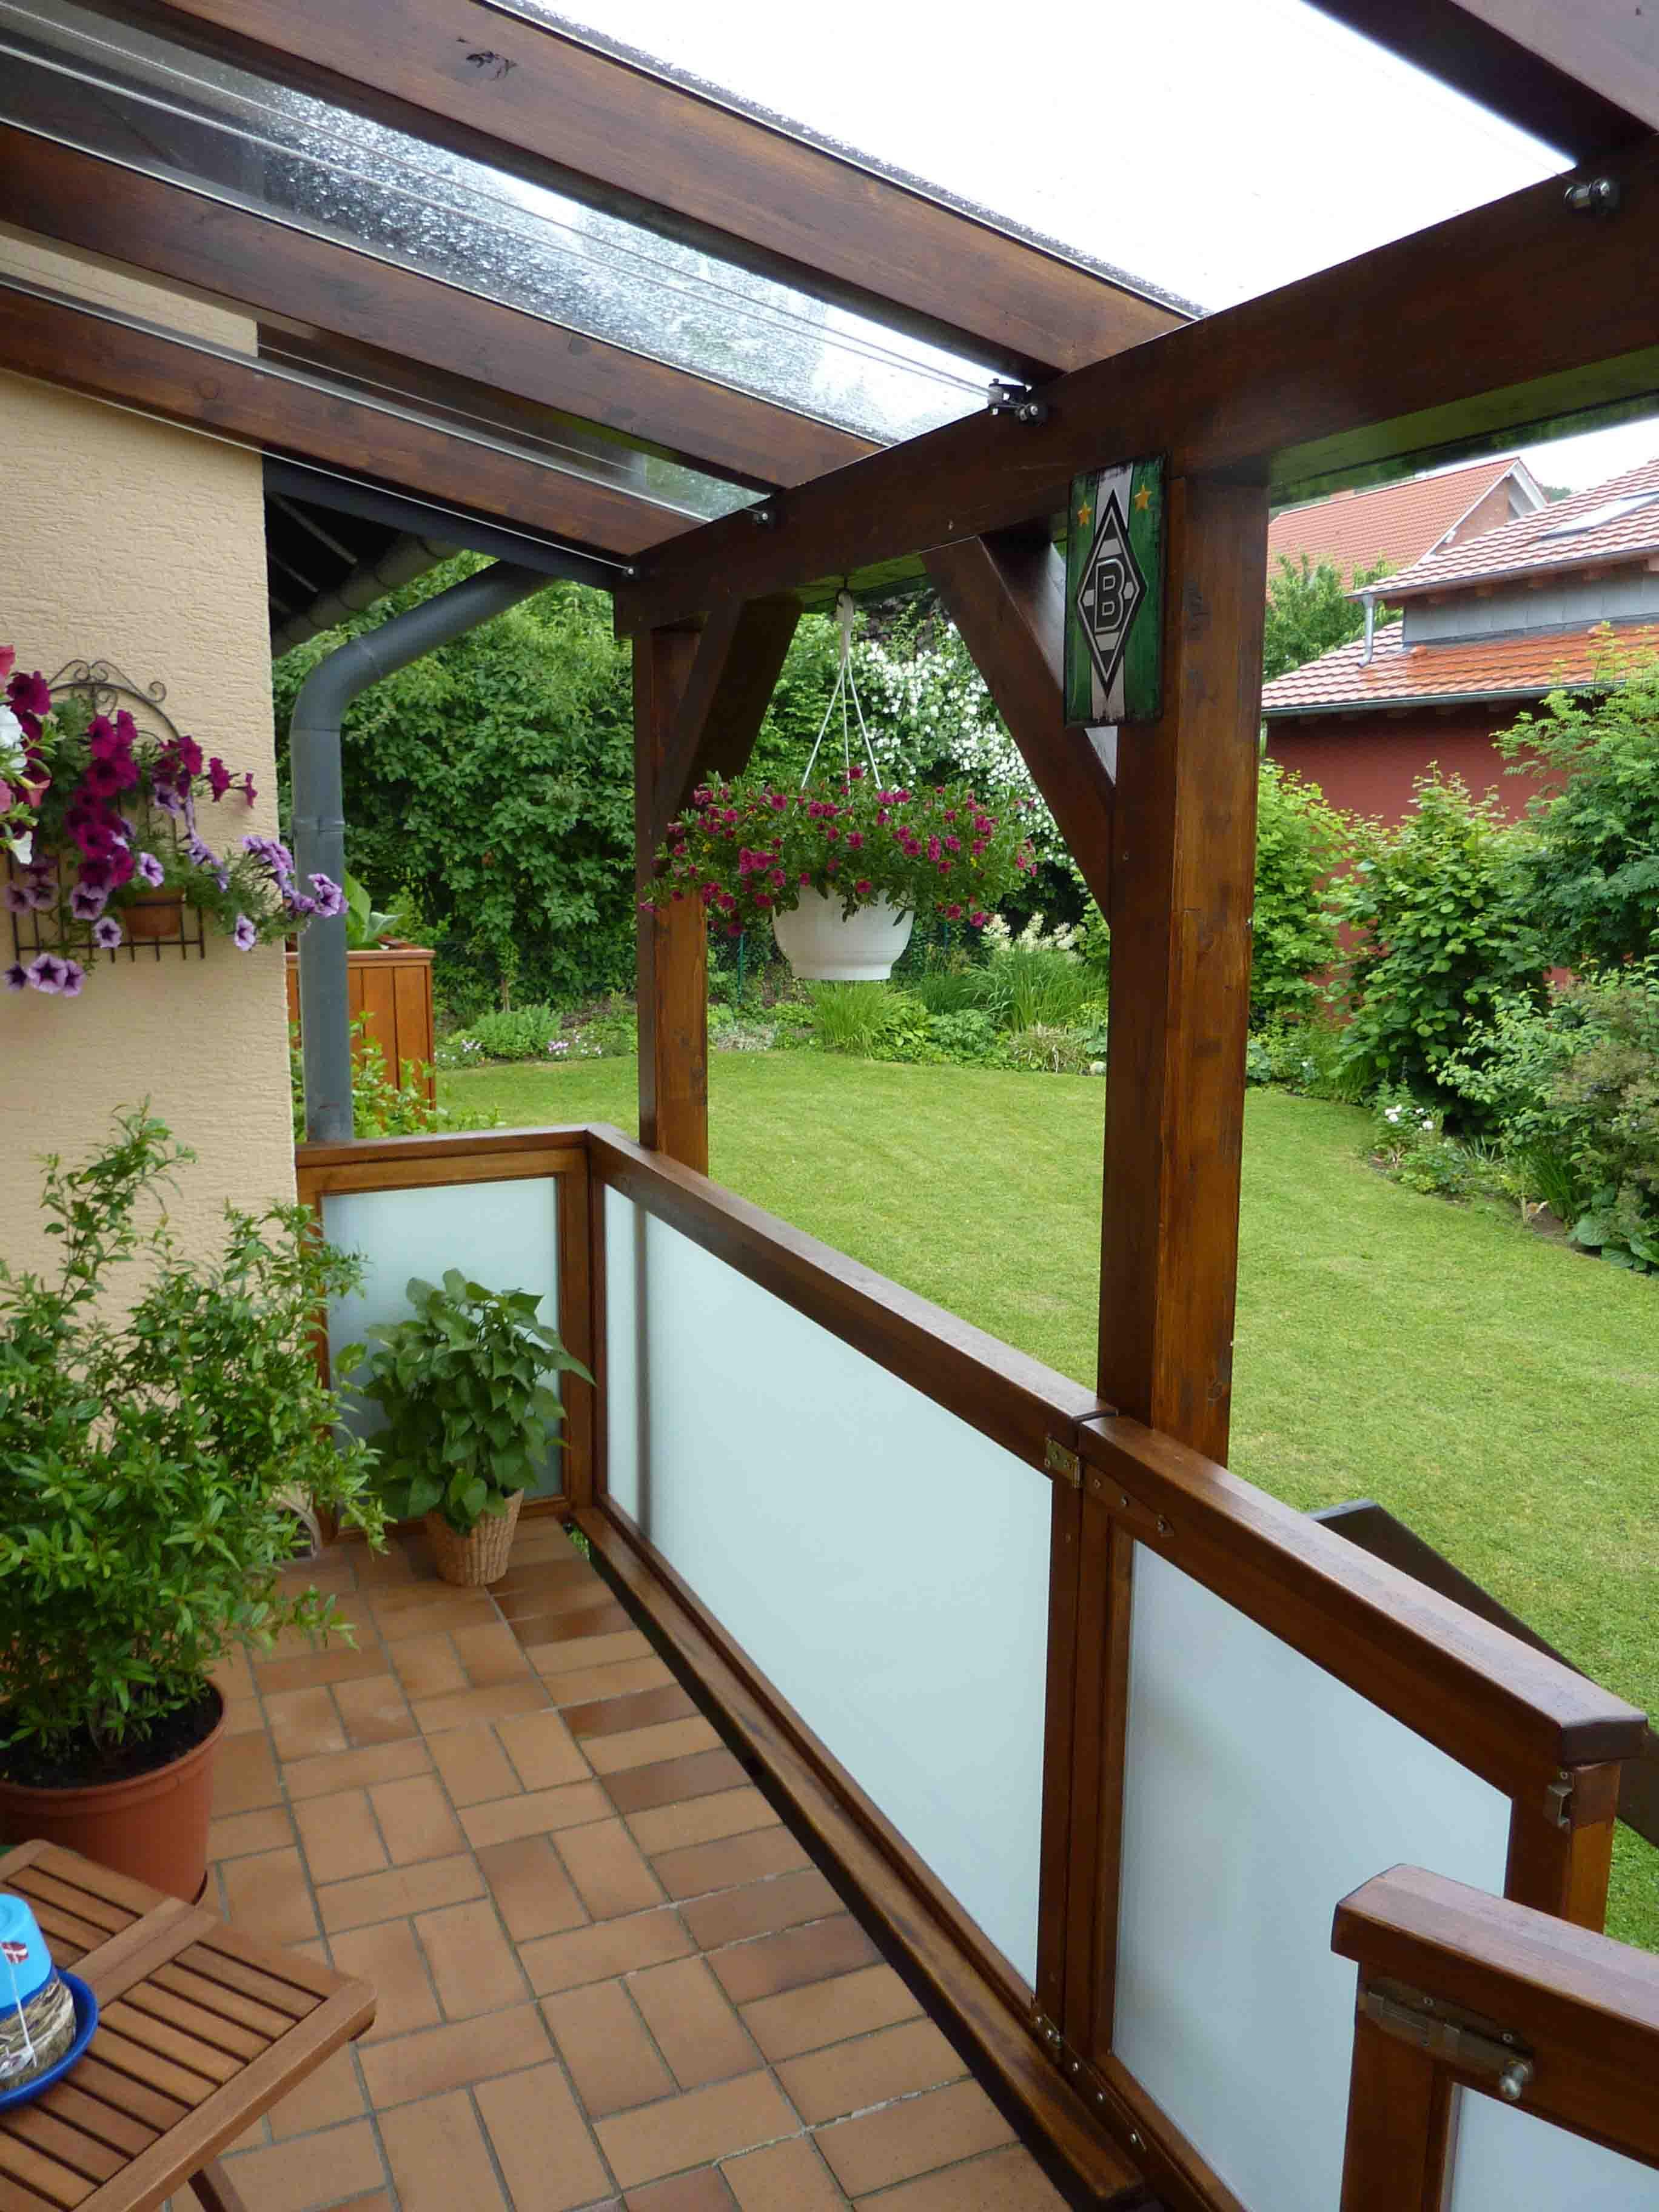 Attraktiv Hausvordächer Referenz Von Terassenueberdachung_02